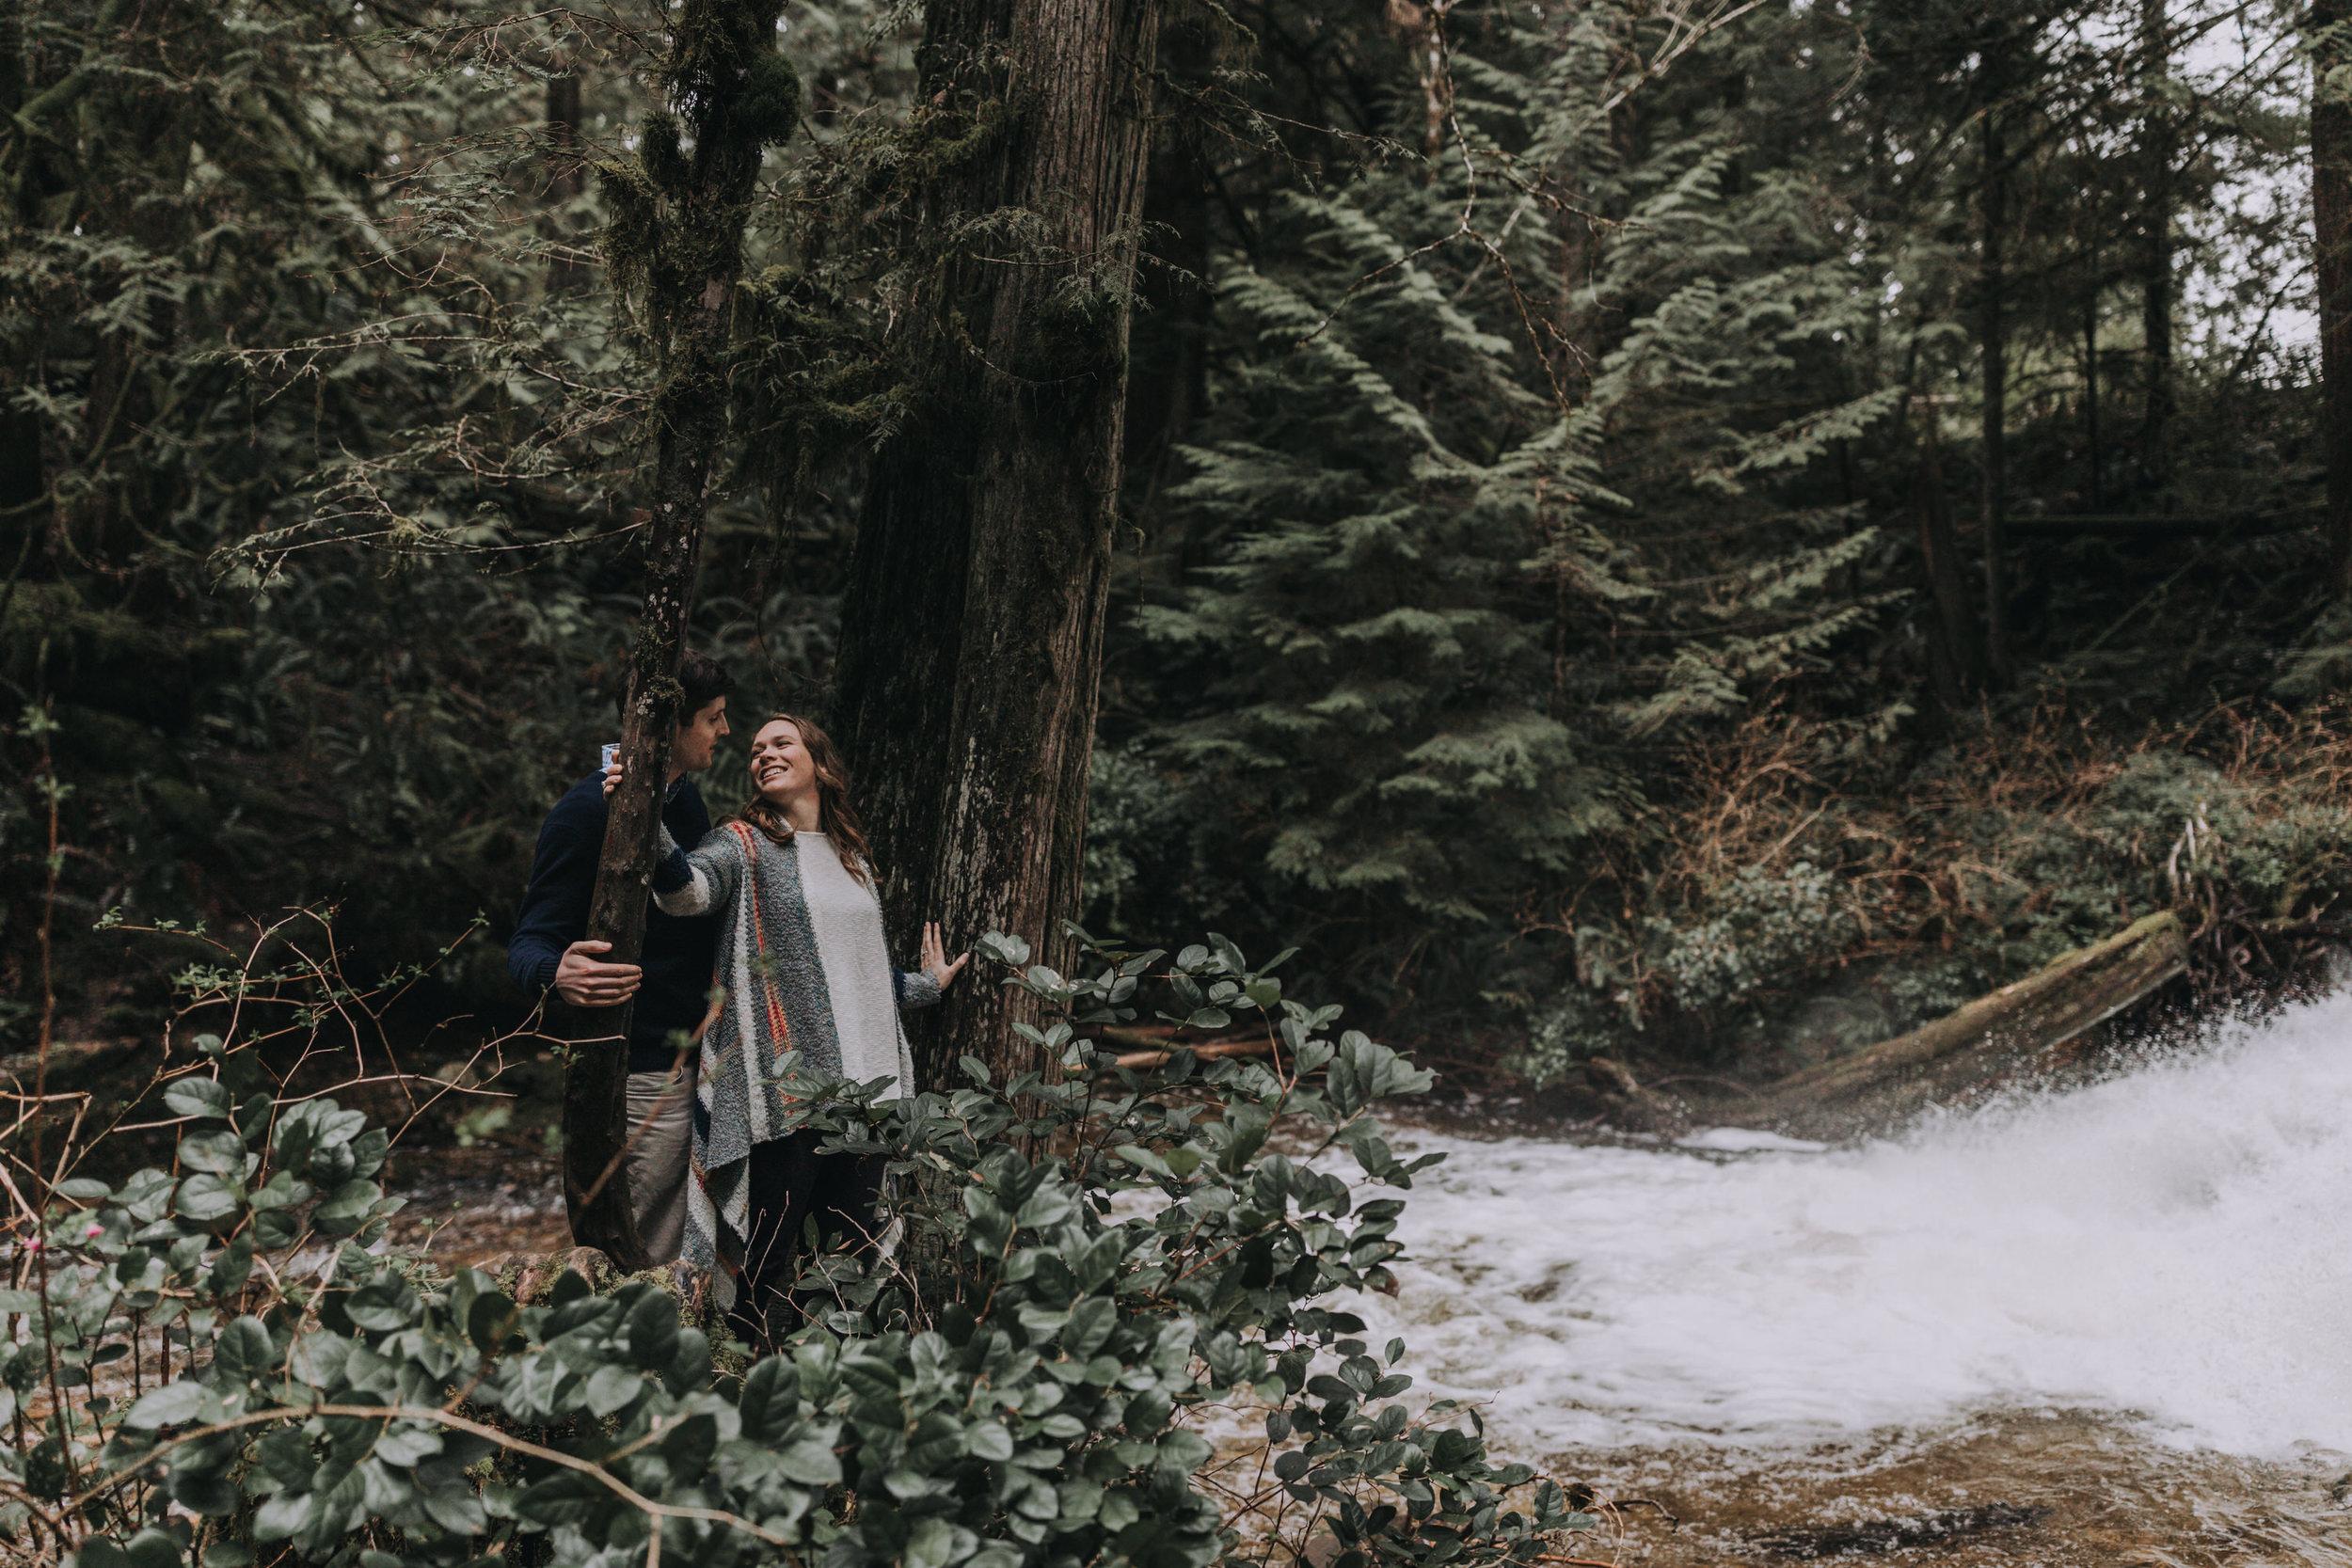 Forest Engagement Photos - Sunshine Coast BC Engagement Photos -  Sunshine Coast Wedding Photographer - Vancouver Wedding Photographer - Jennifer Picard400.JPG